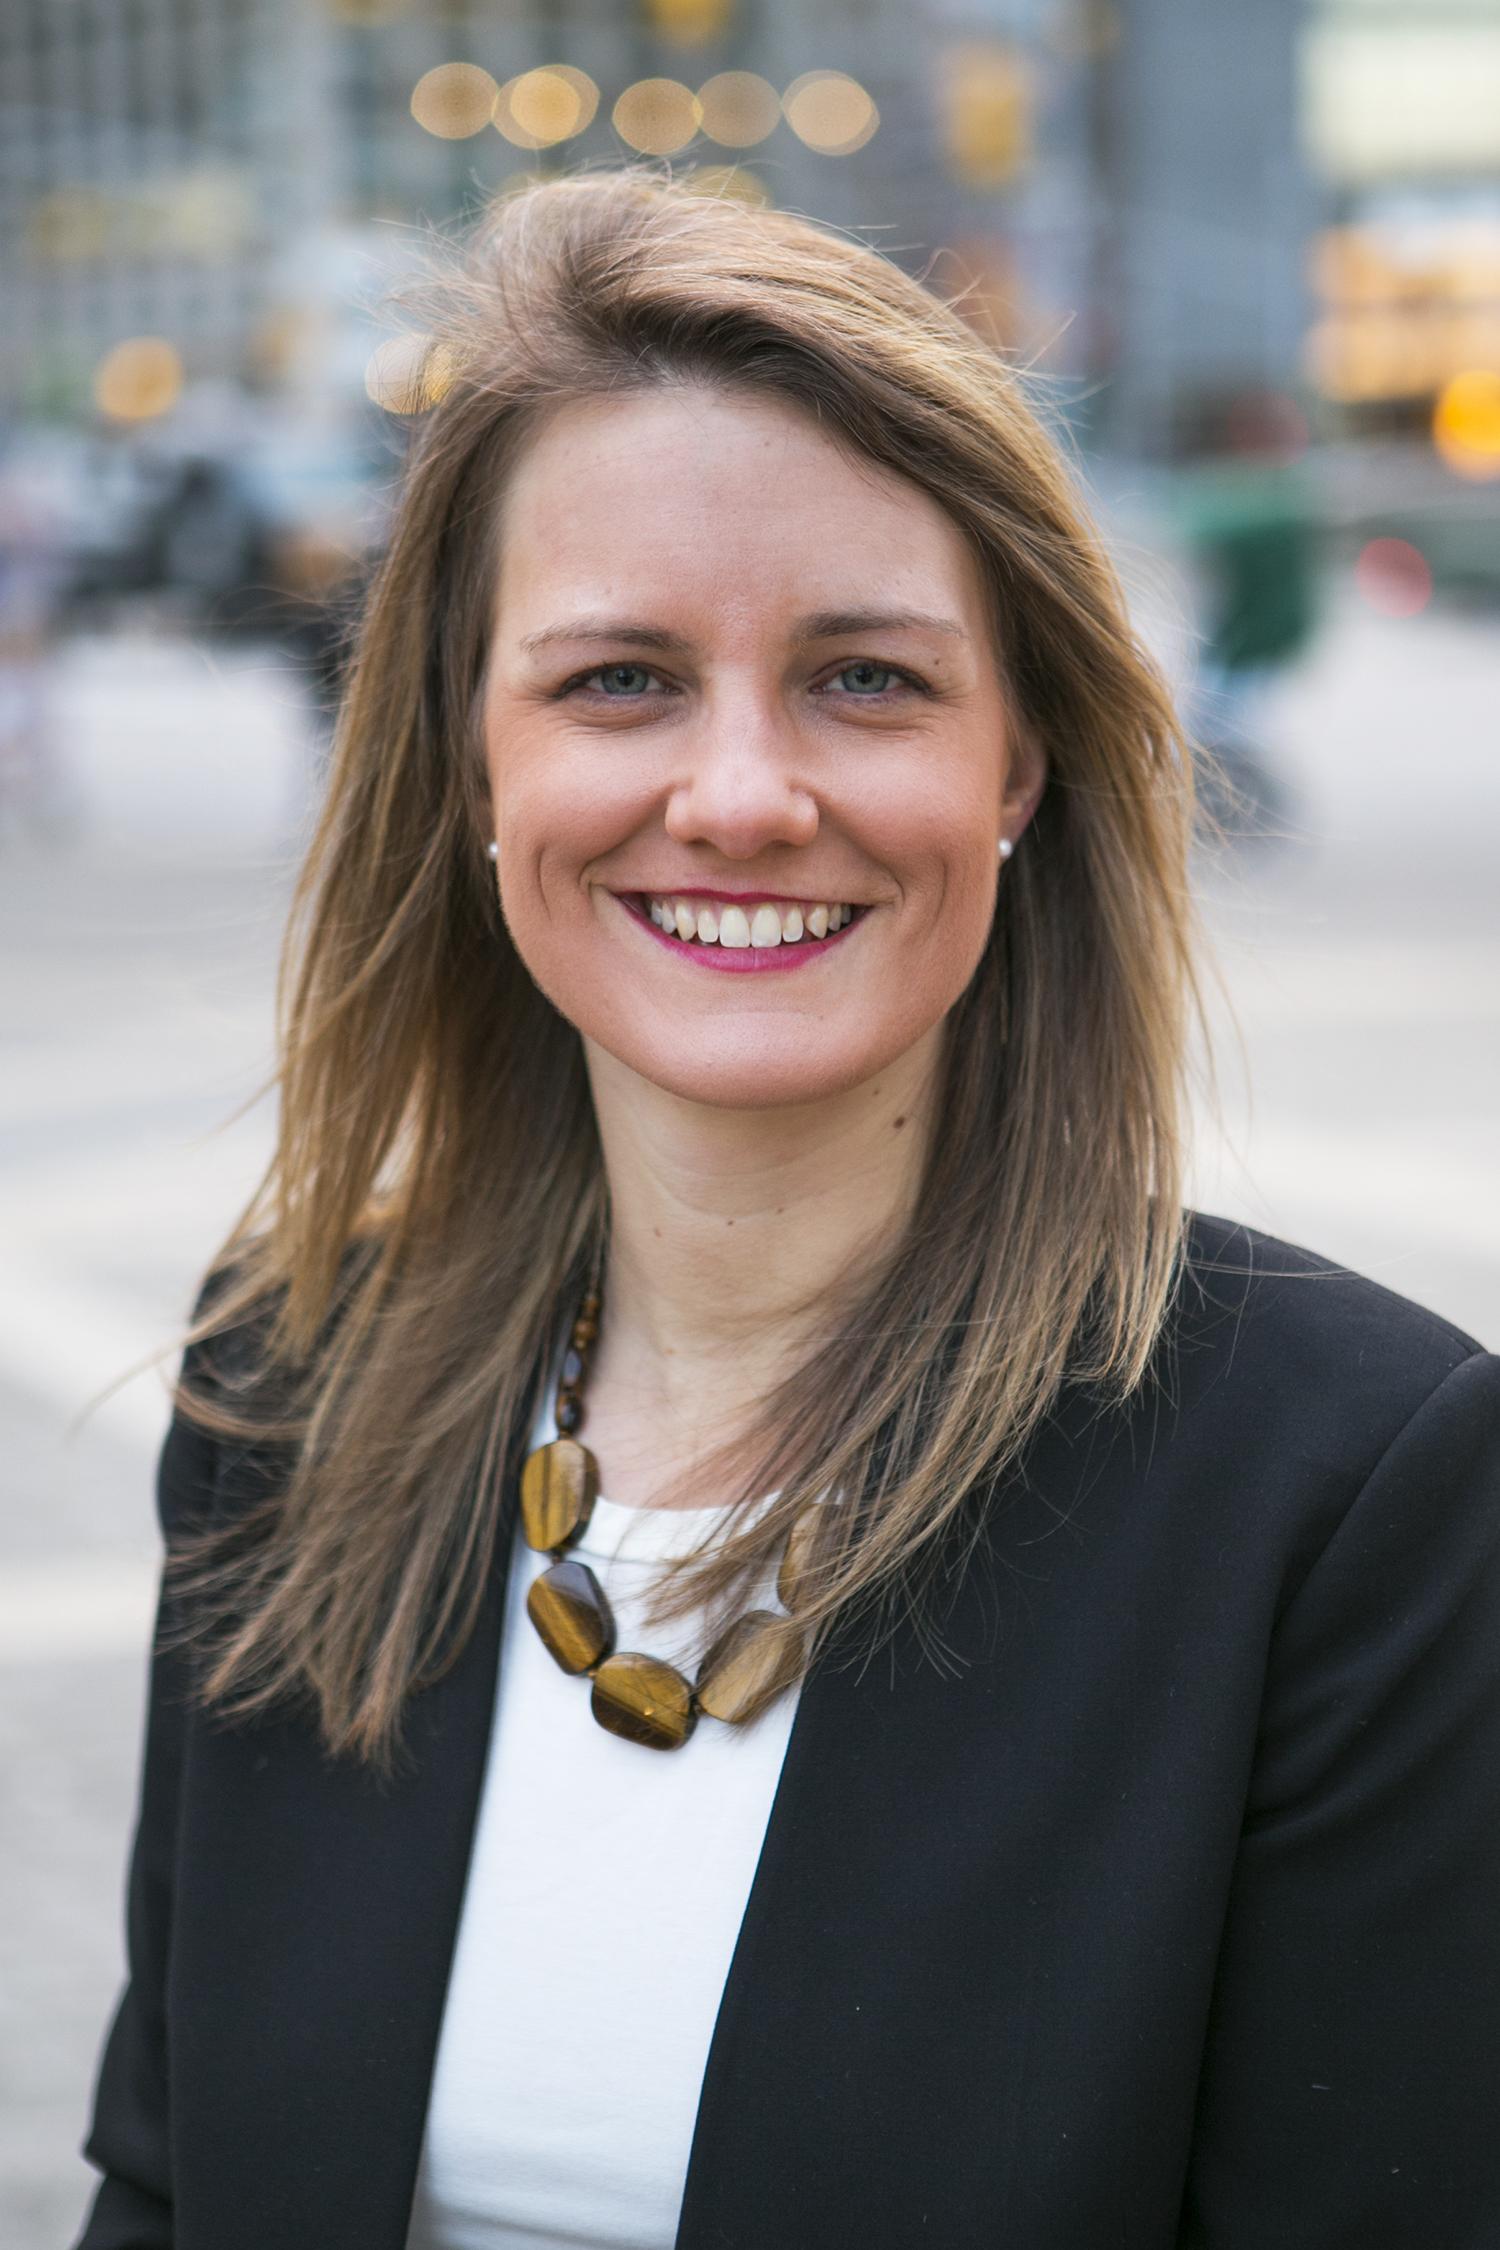 Sara Batterton